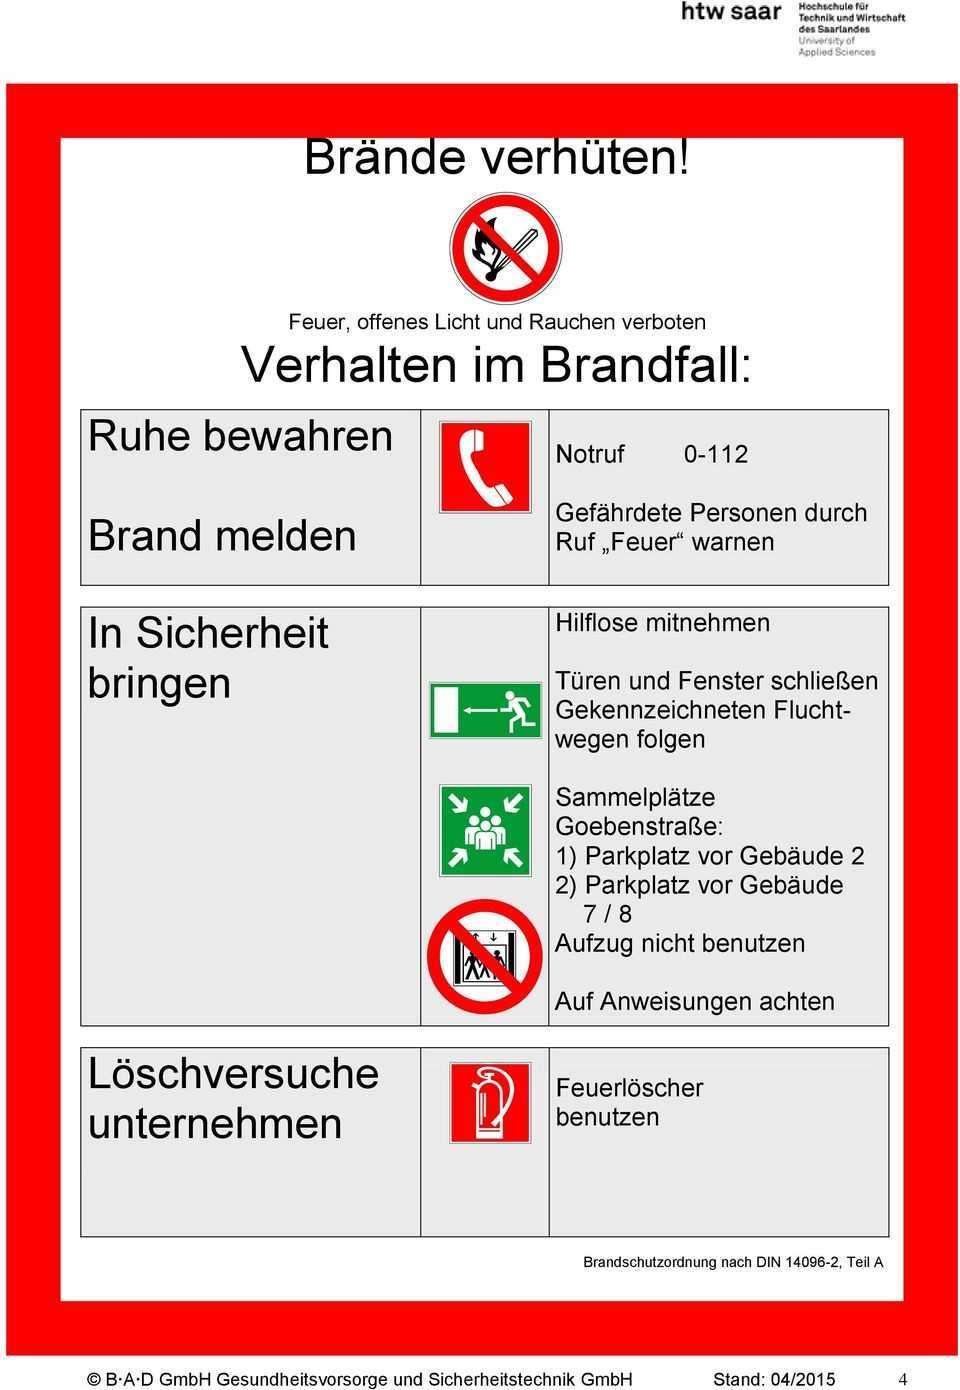 Brandschutzordnung Nach Din Teil 1 3 Fur Den Campus Alt Saarbrucken Pdf Free Download